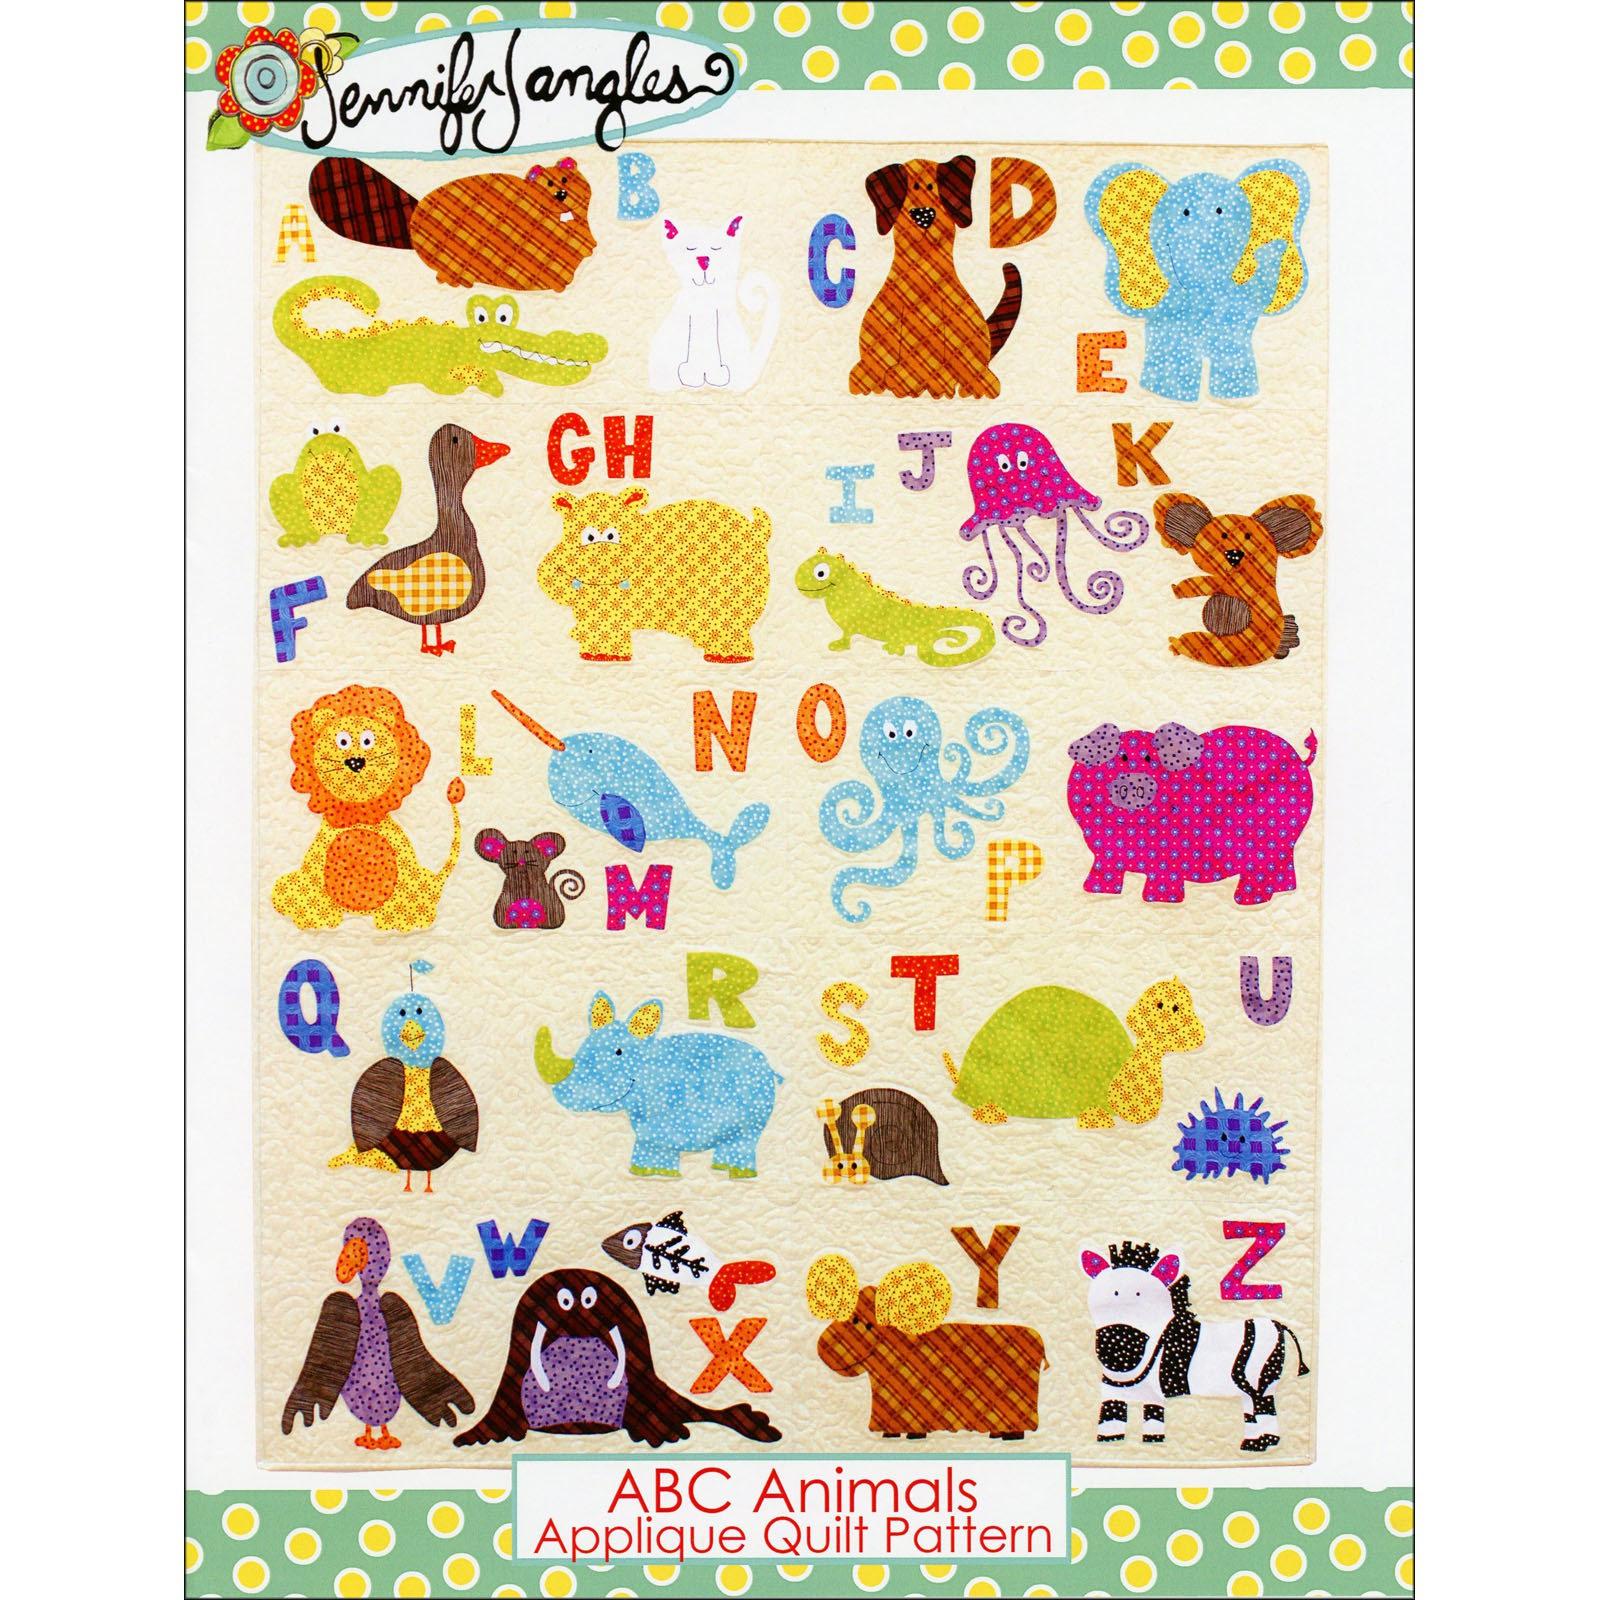 ABC Animals Quilt Pattern